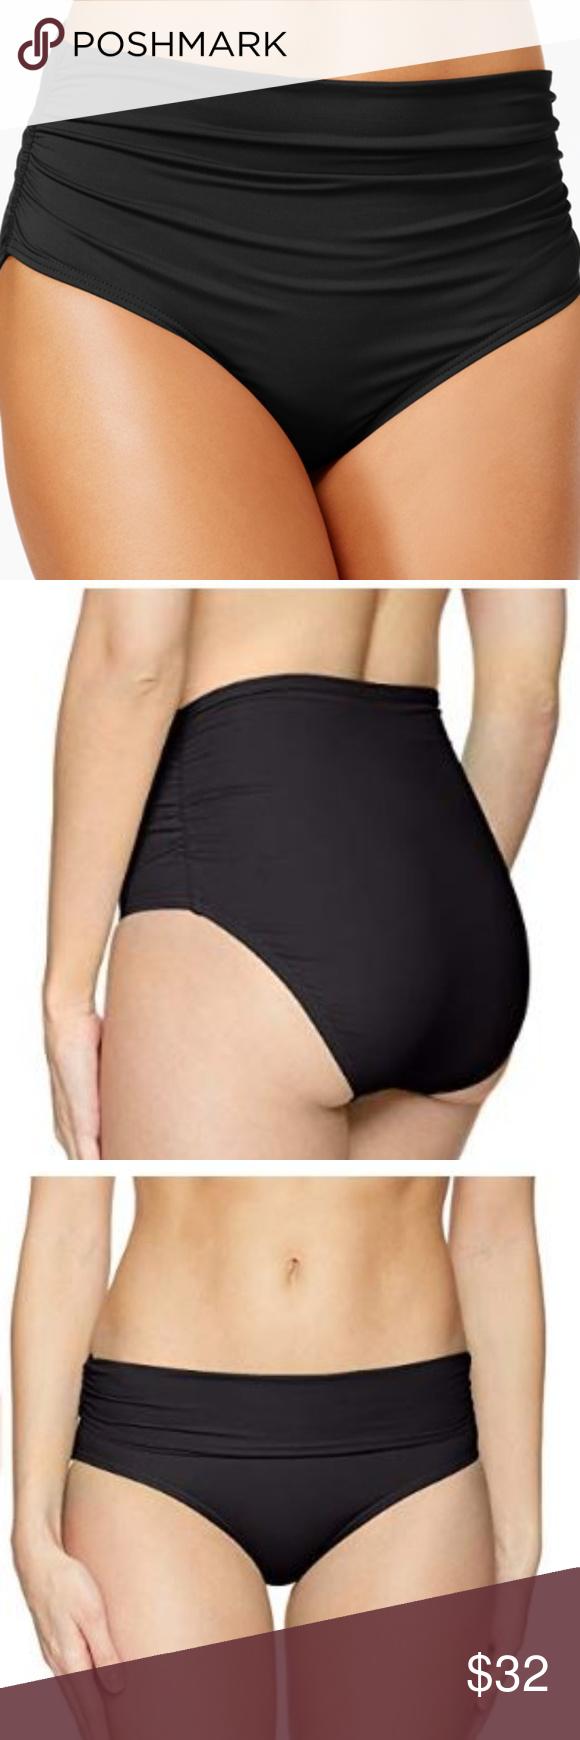 5da8da8c3355f ANNE COLE High Waist 3-Way Ruched Bikini Bottom NEW WITH TAGS Size Large.